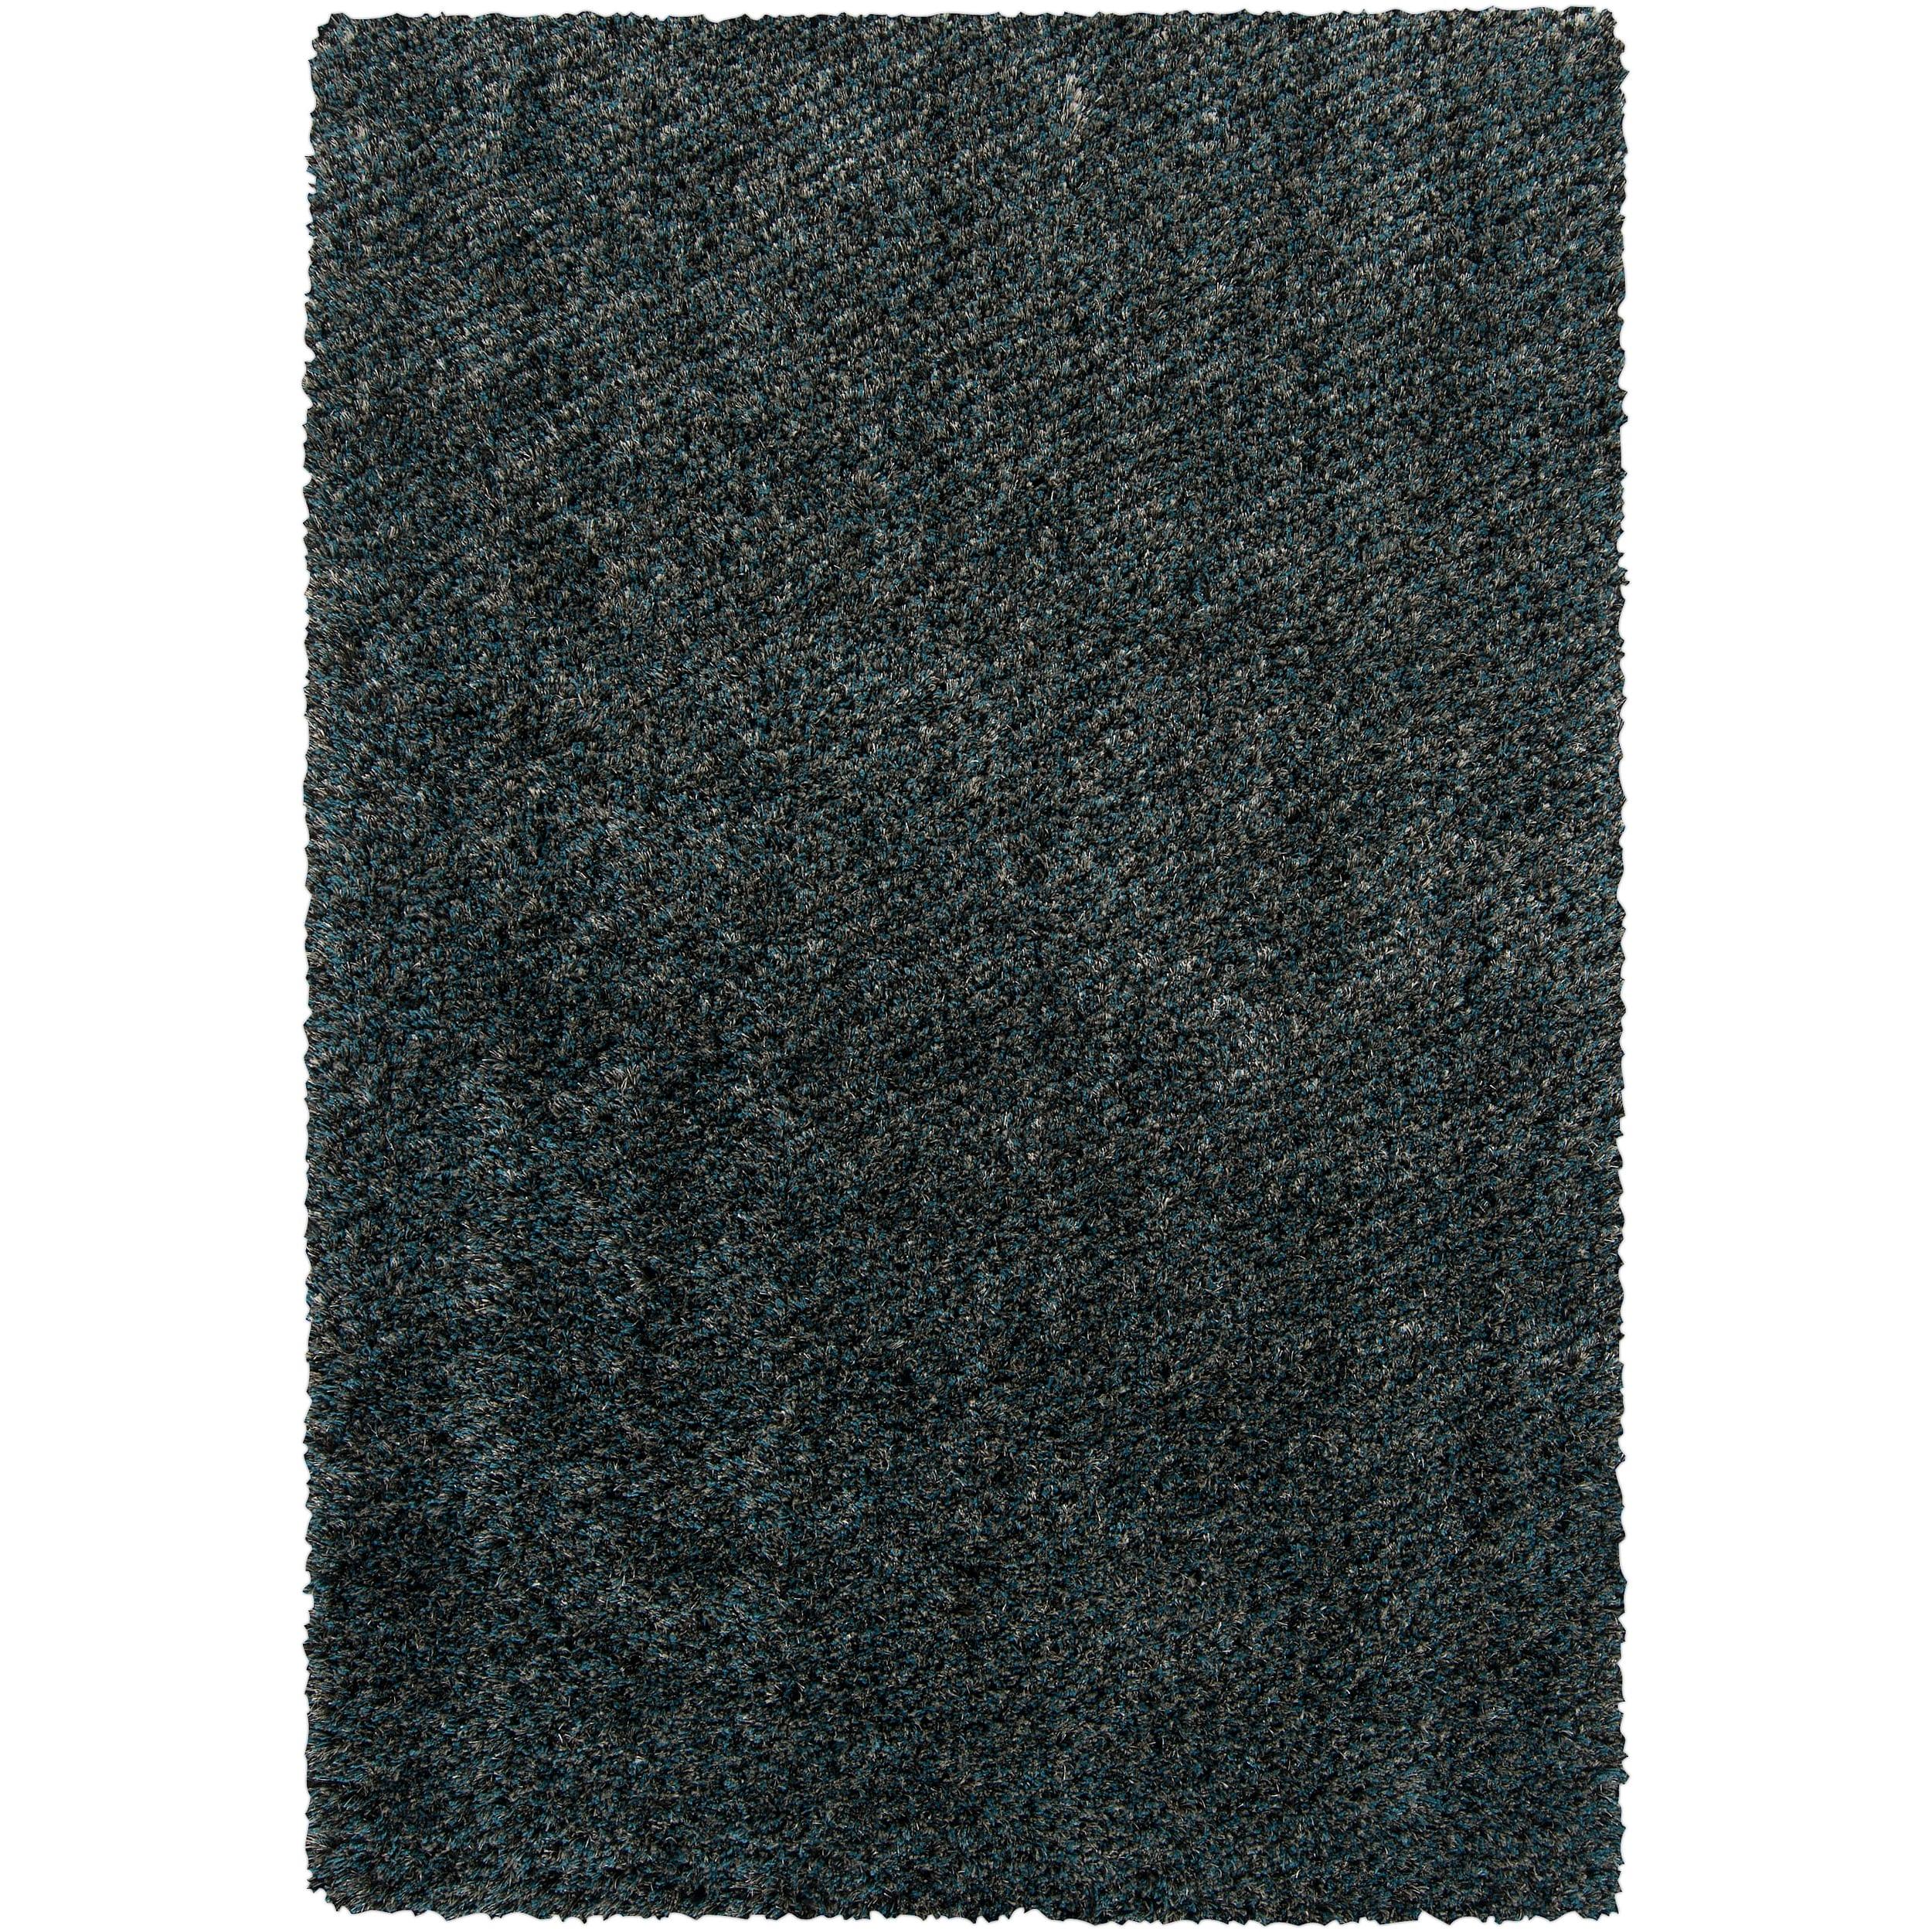 Woven Multi Coloredcolored Portage Soft Shag (1'10 x 2'11)